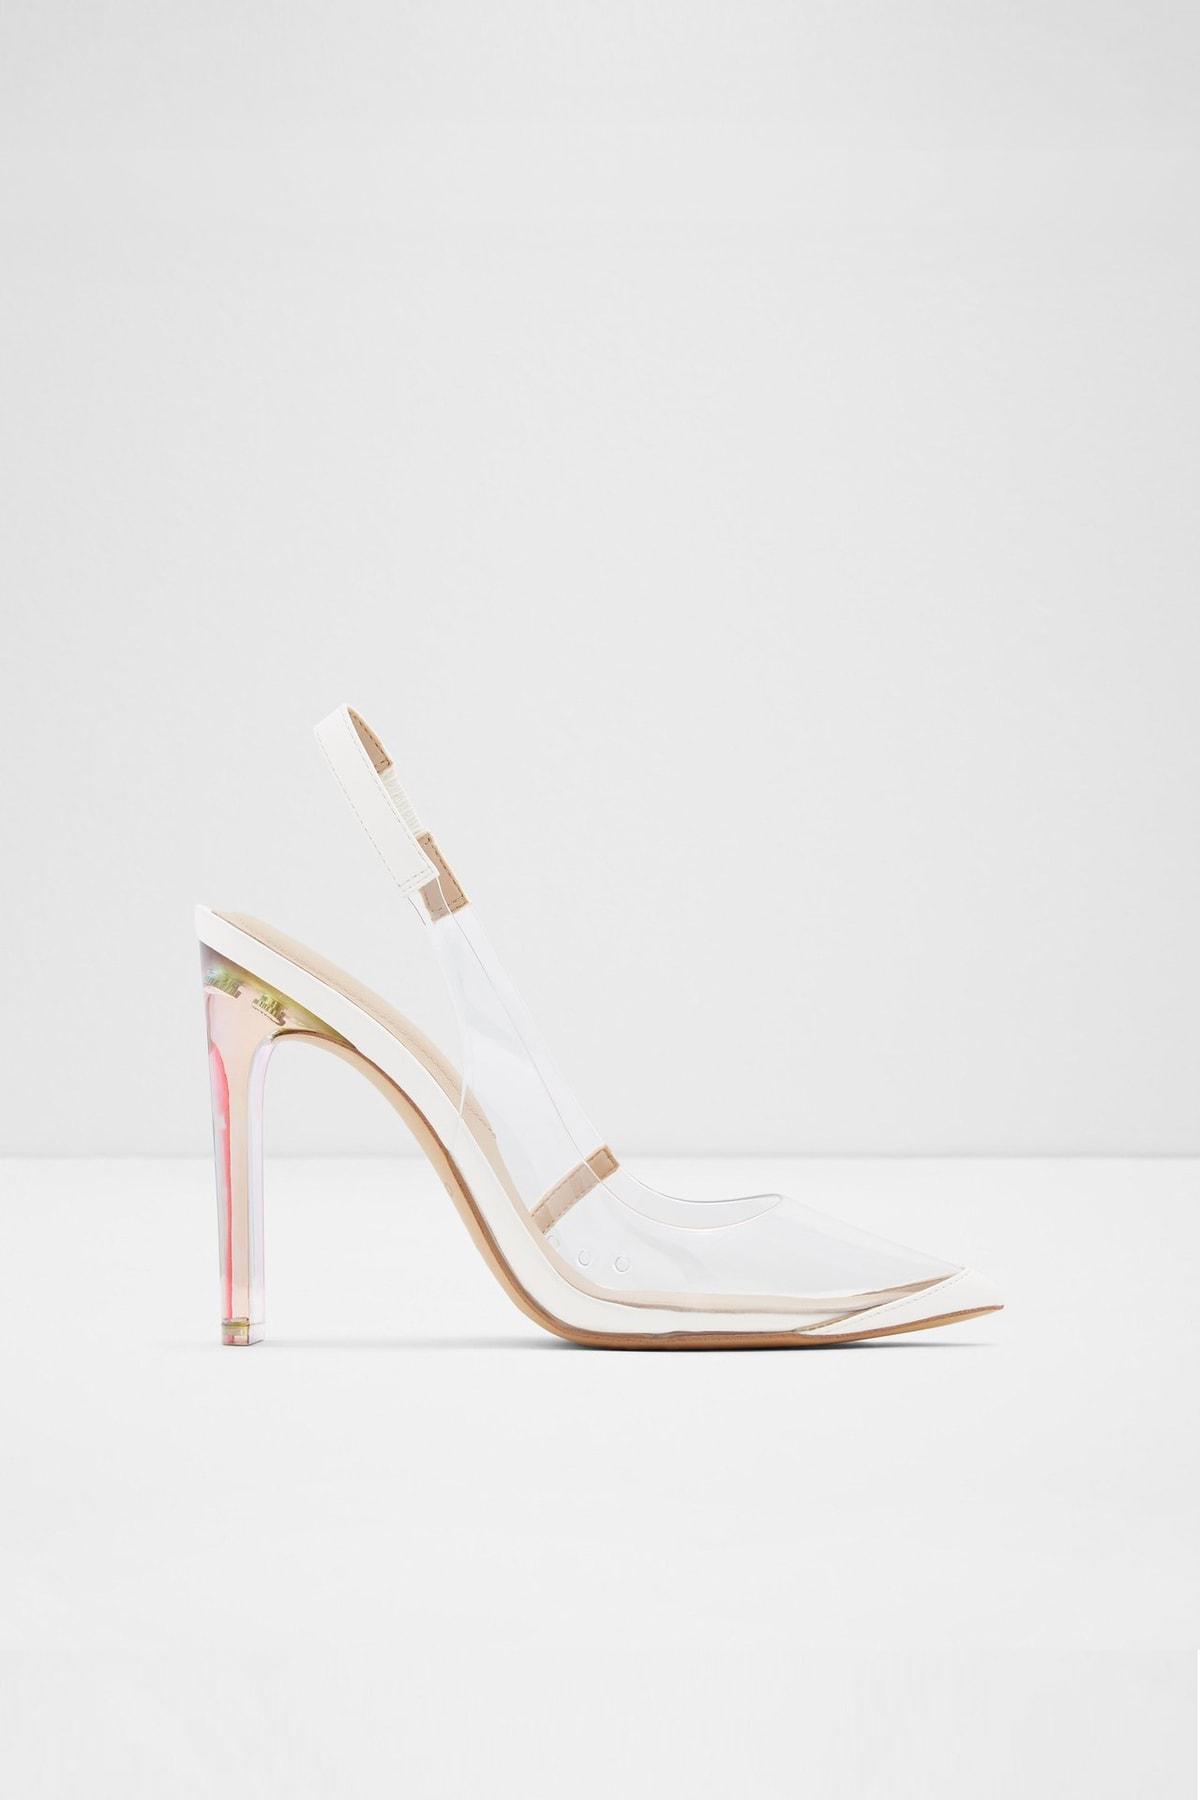 Aldo Feıwıa - Beyaz Kadın Topuklu Ayakkabı 1